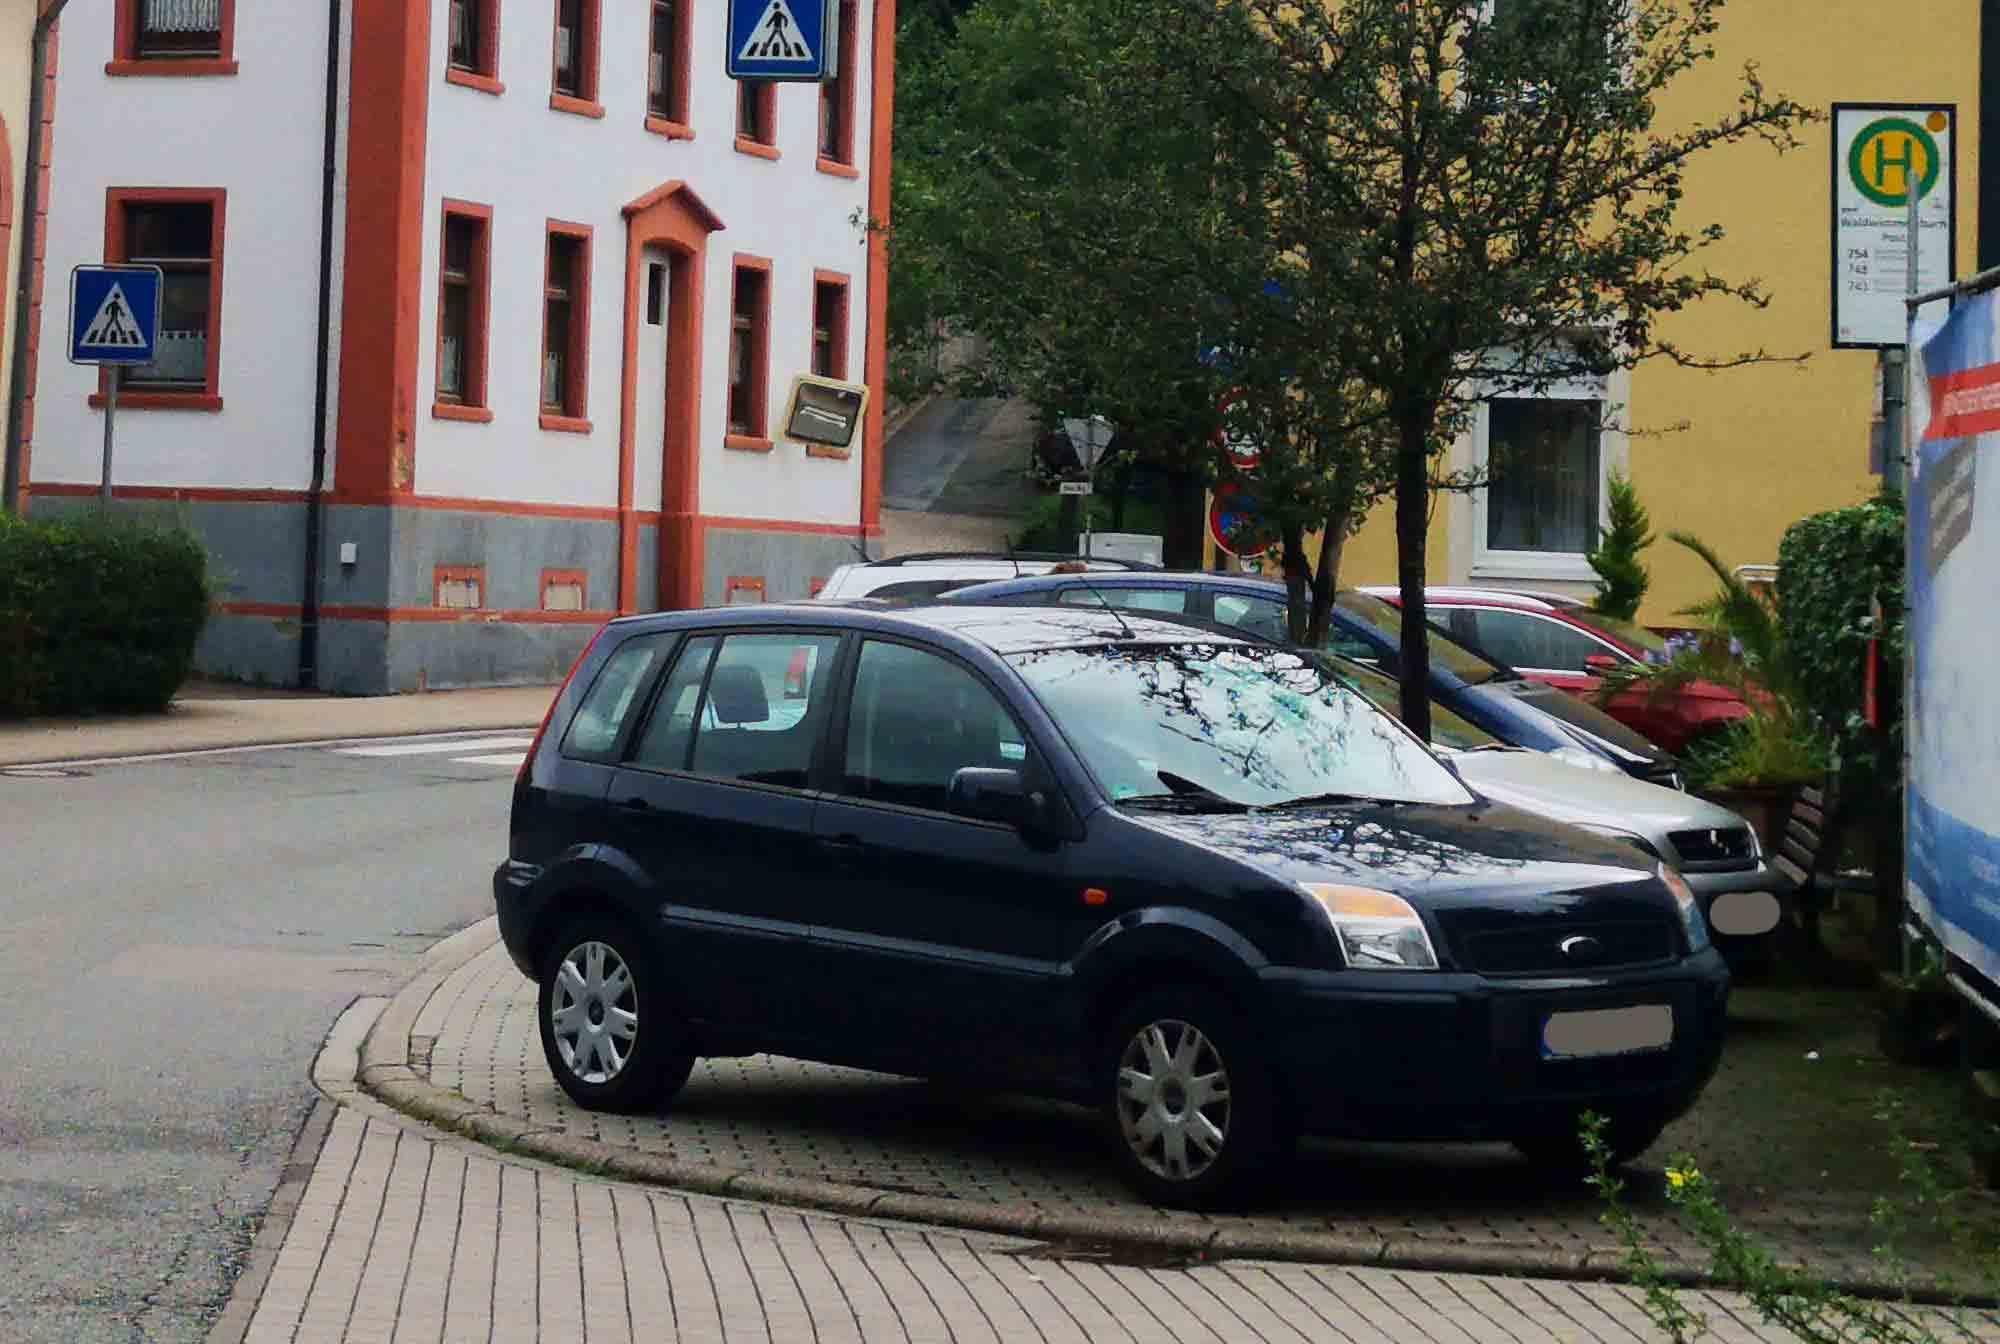 durch parkende Autos versperrt: Gehweg, Bushaltestelle und Fußgängerüberweg